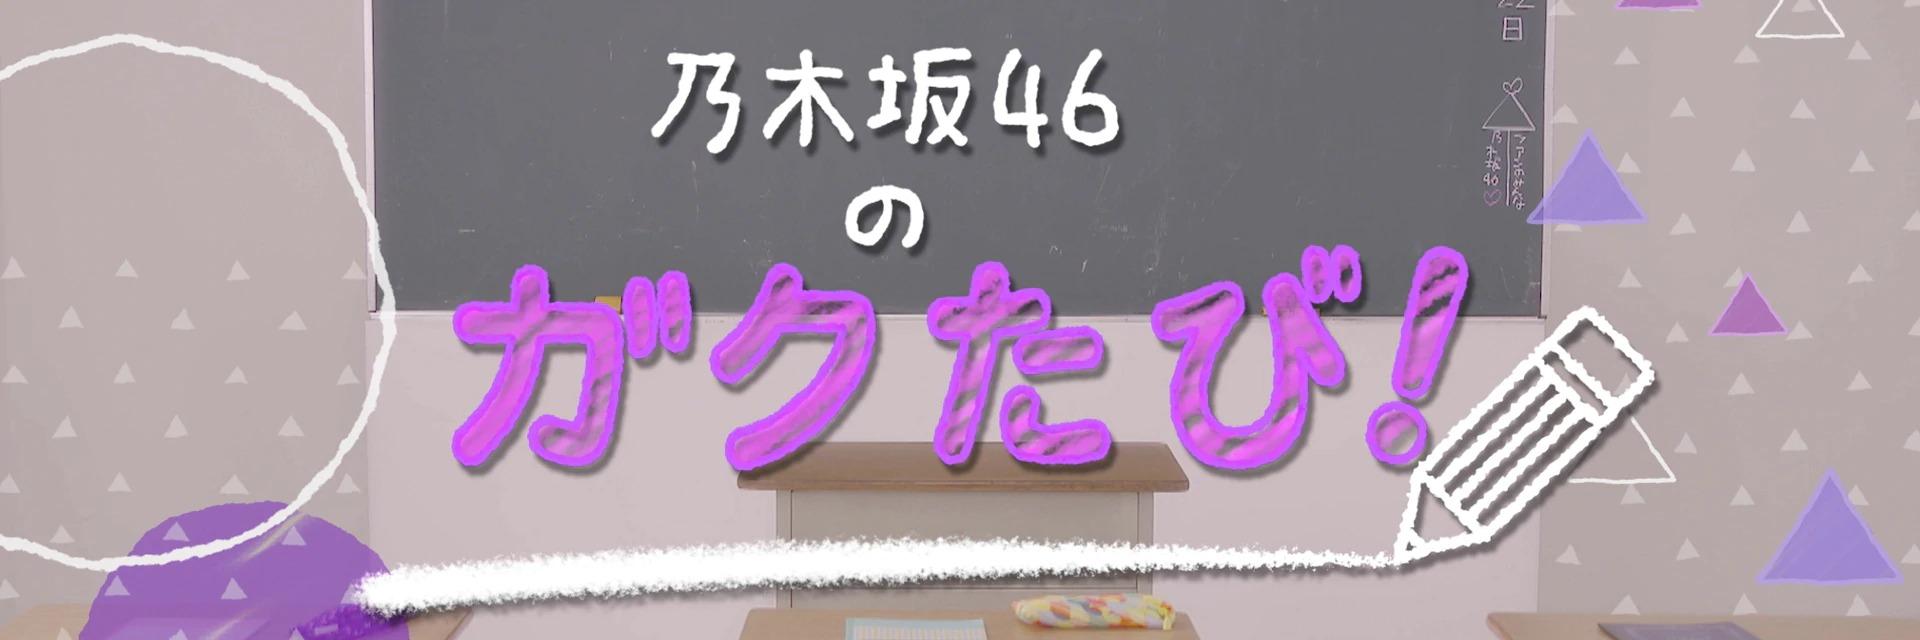 乃木坂46のガクたび